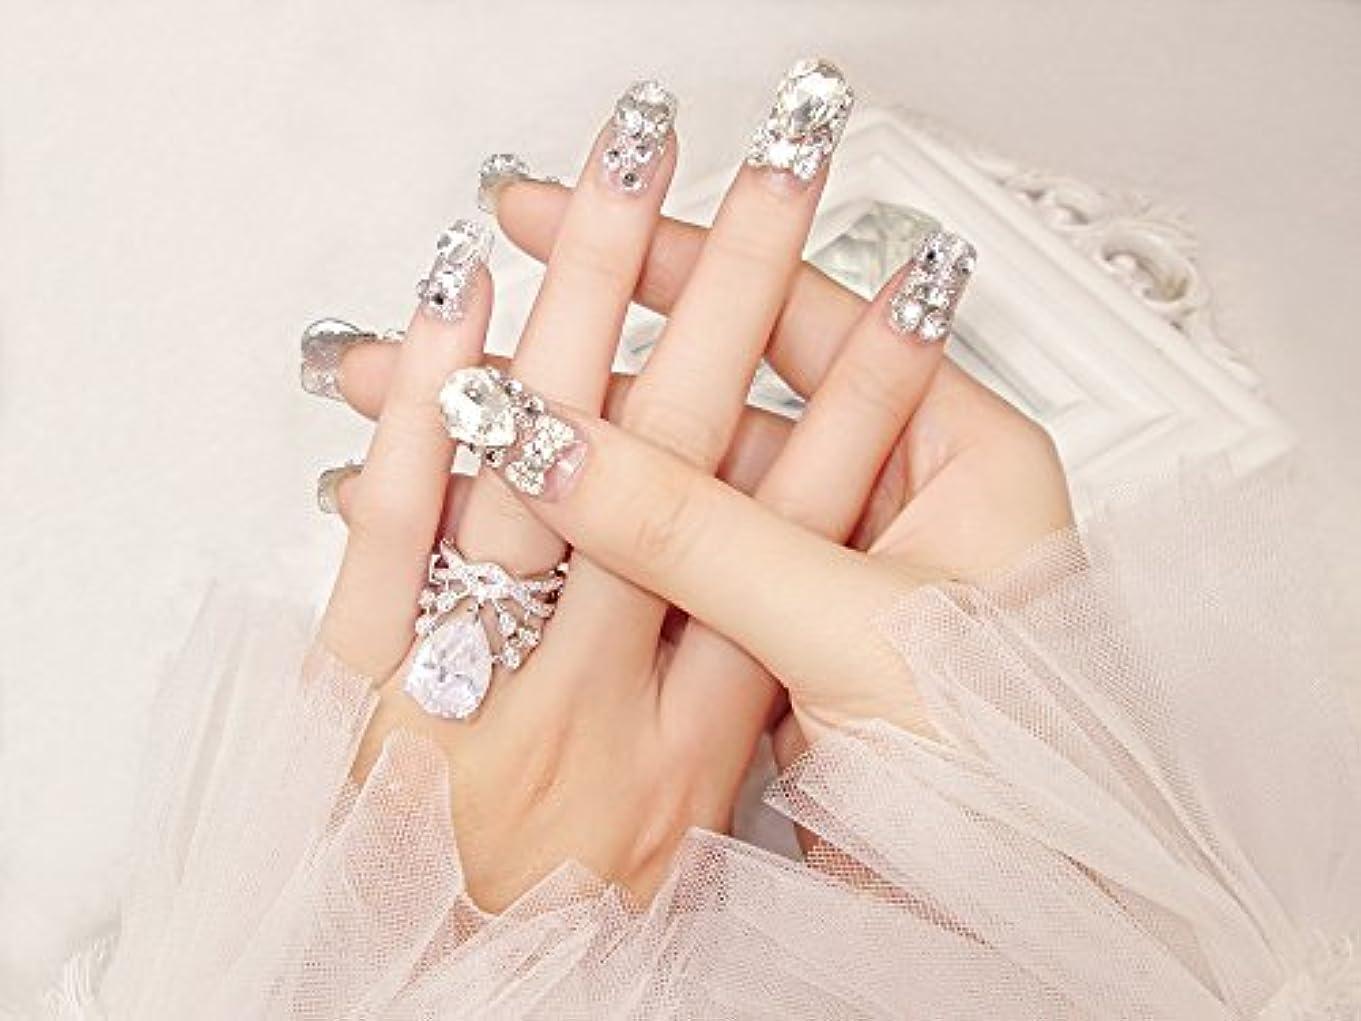 転送骨の折れるピアノ花嫁ネイル 手作りネイルチップ ラインストーンリボンが輝く フルチップ シンプル ネイルチップ24枚セット 人造ダイヤモンド 両面接着テープ付き 結婚式、パーティー、二次会などに ジルコン (A37)